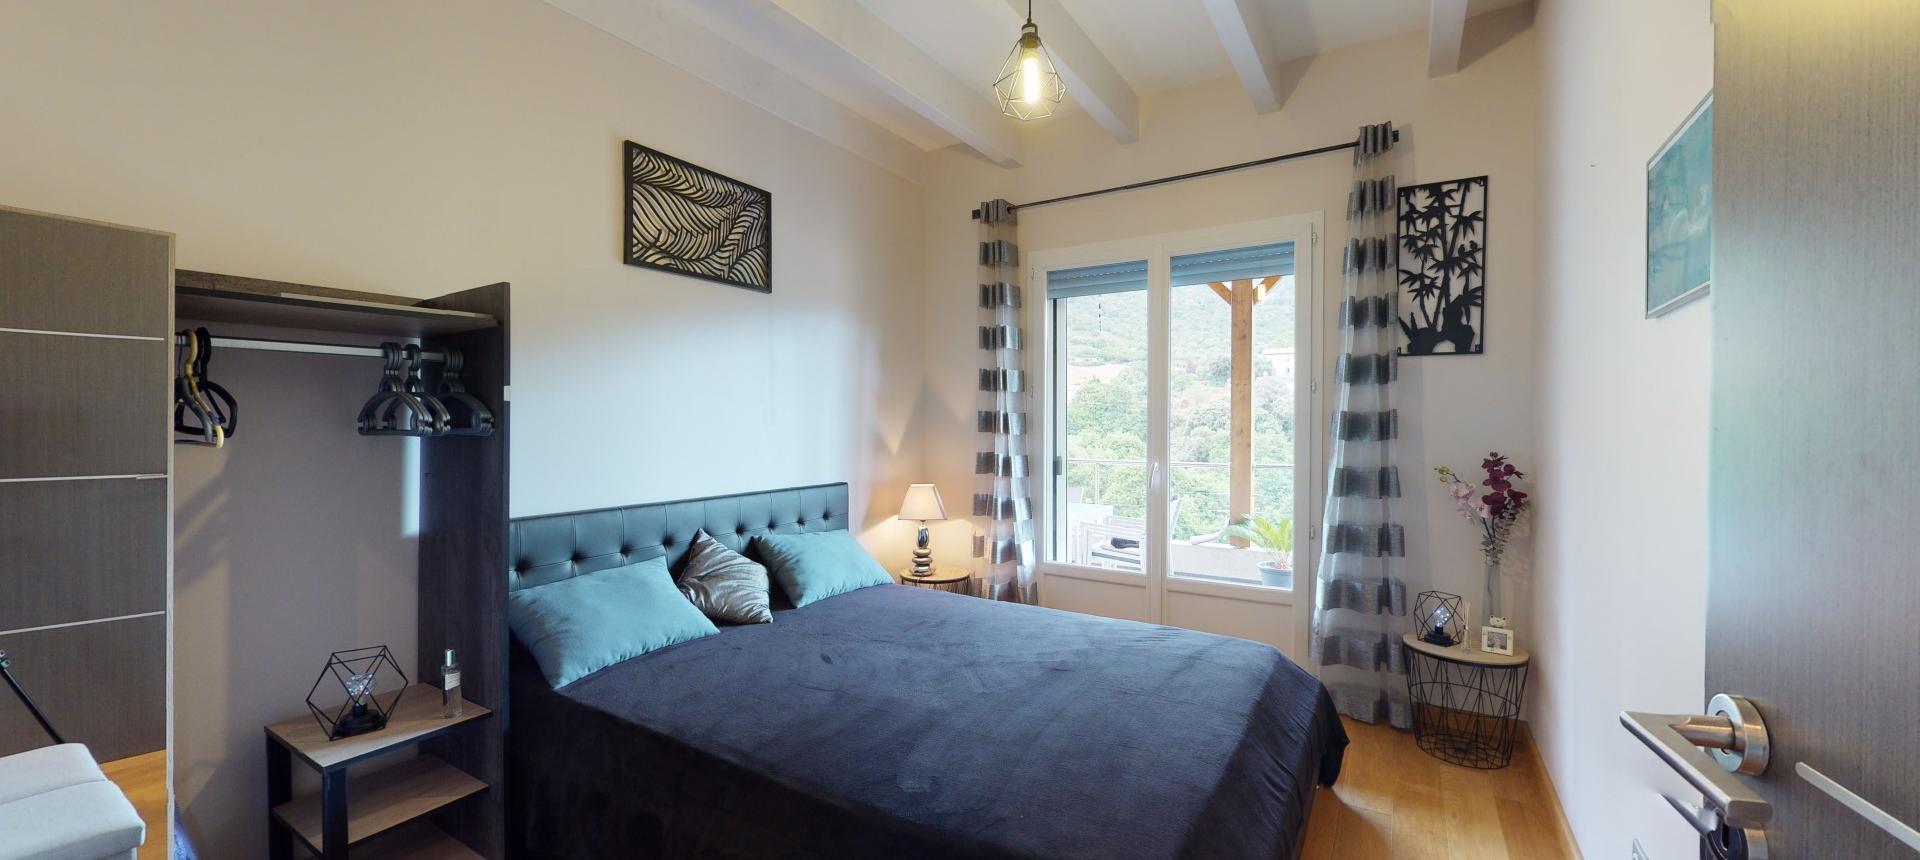 Villa à vendre proche Ajaccio - San Benedetto - Vue chambre 1 RDC